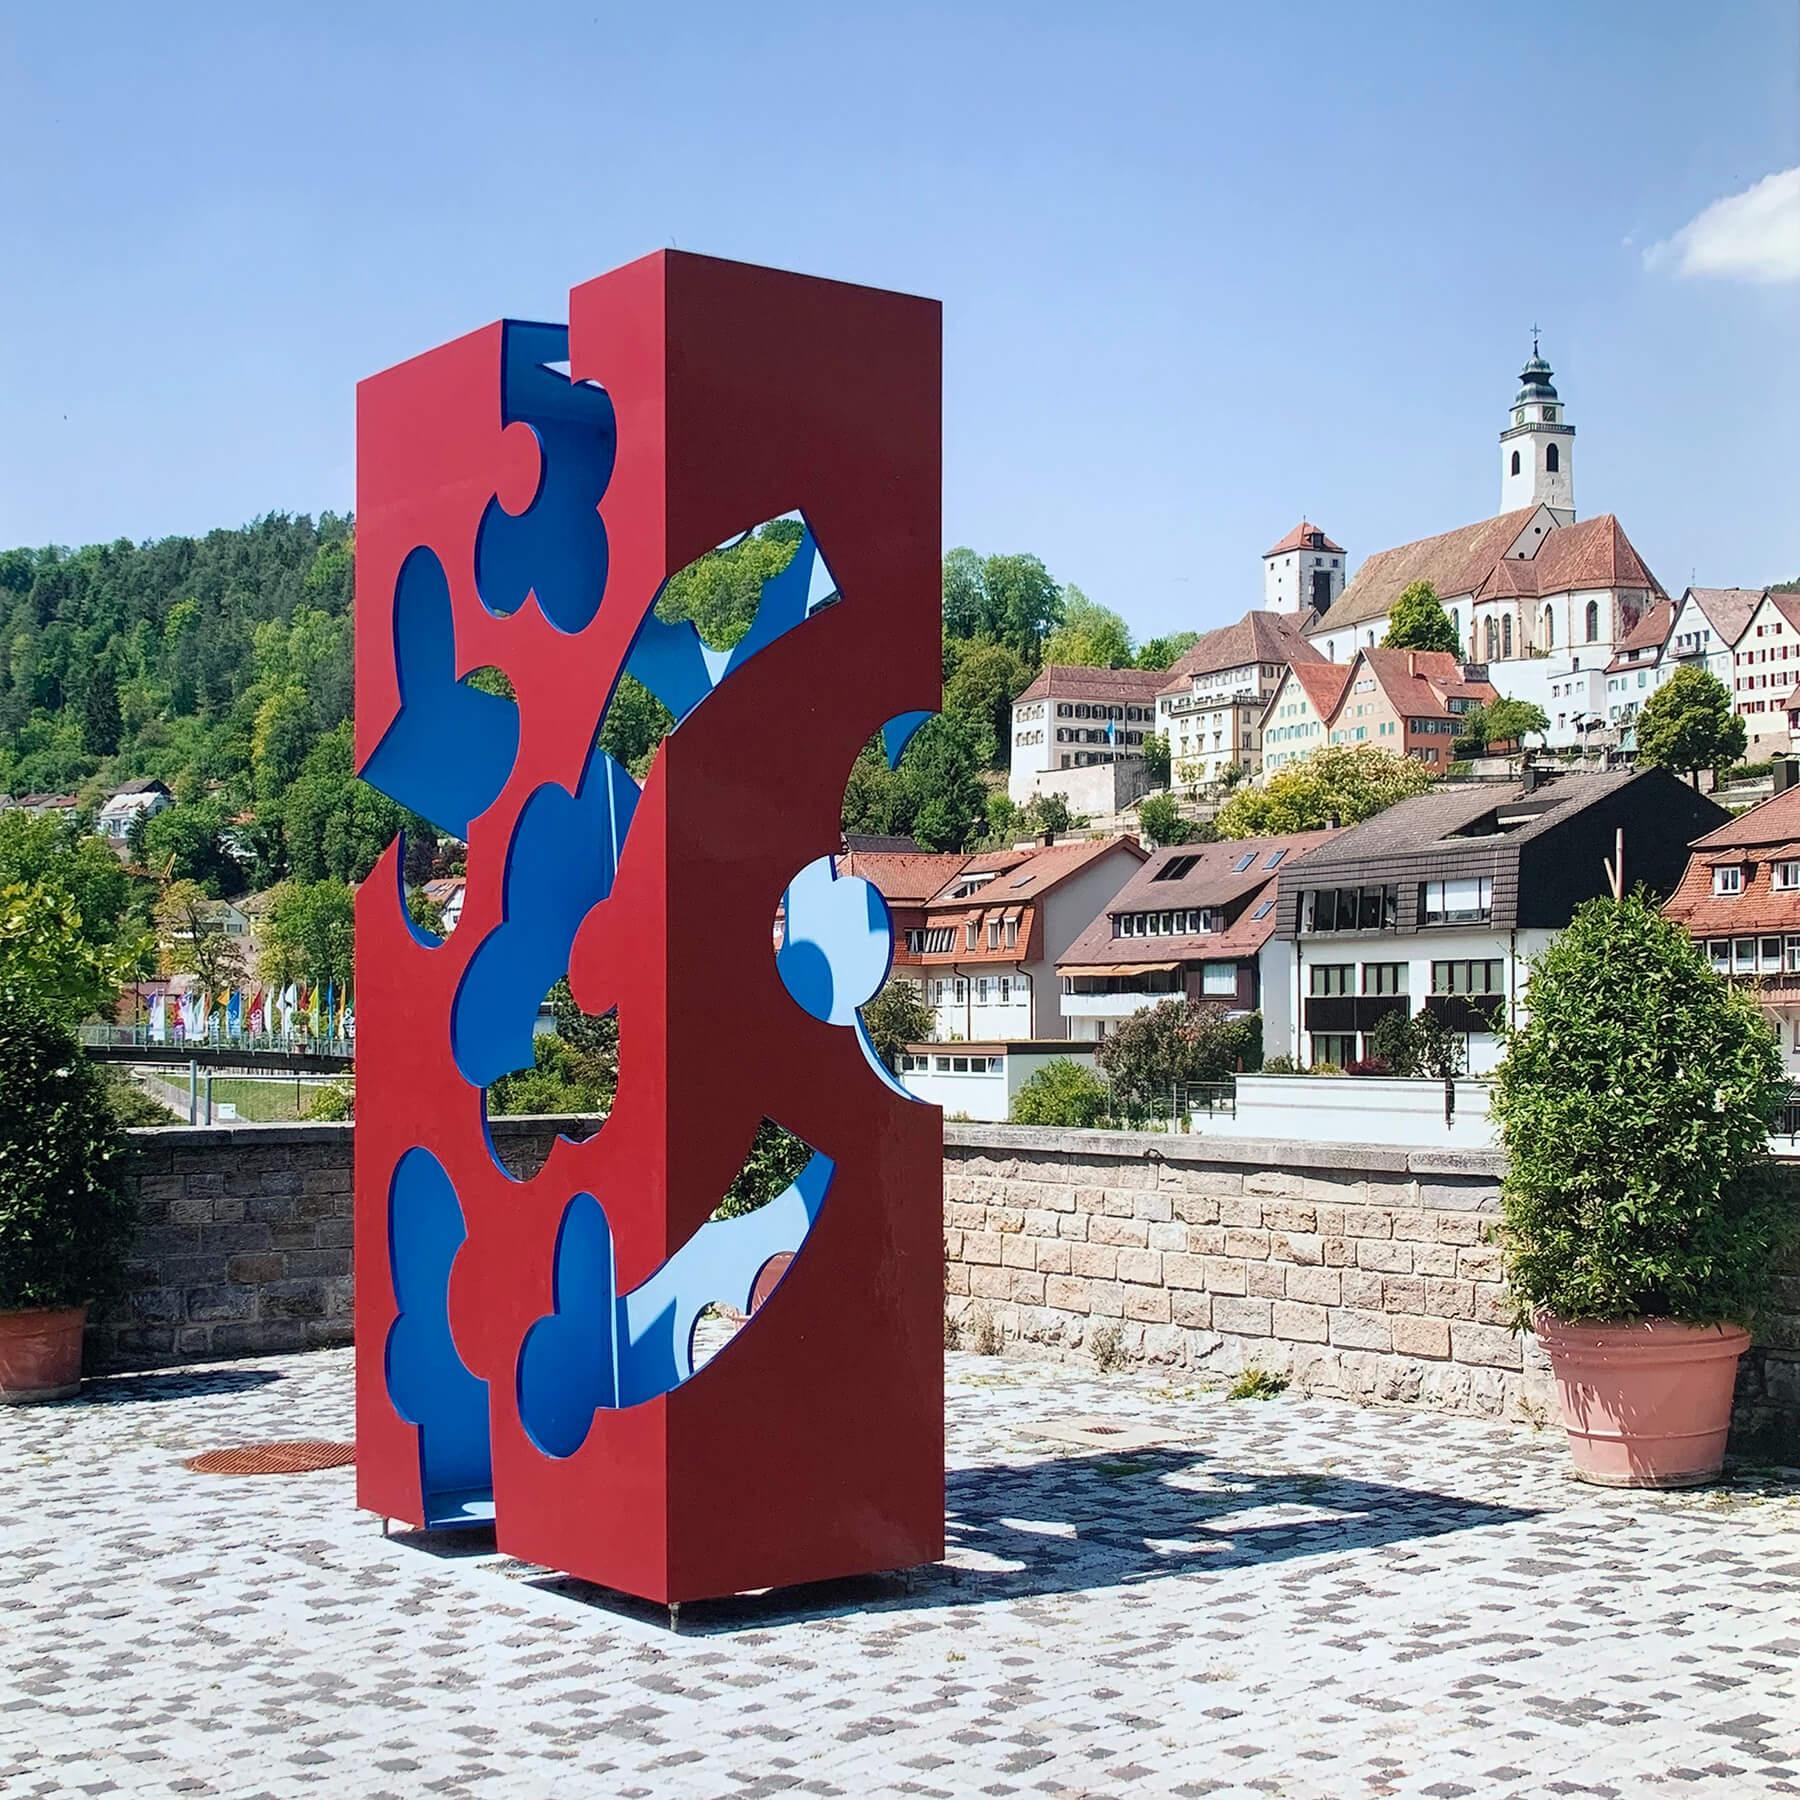 Barbara Jäger Malerei Skulptur Karlsruhe Künstlerisches Stadtzeichen Horb am Neckar